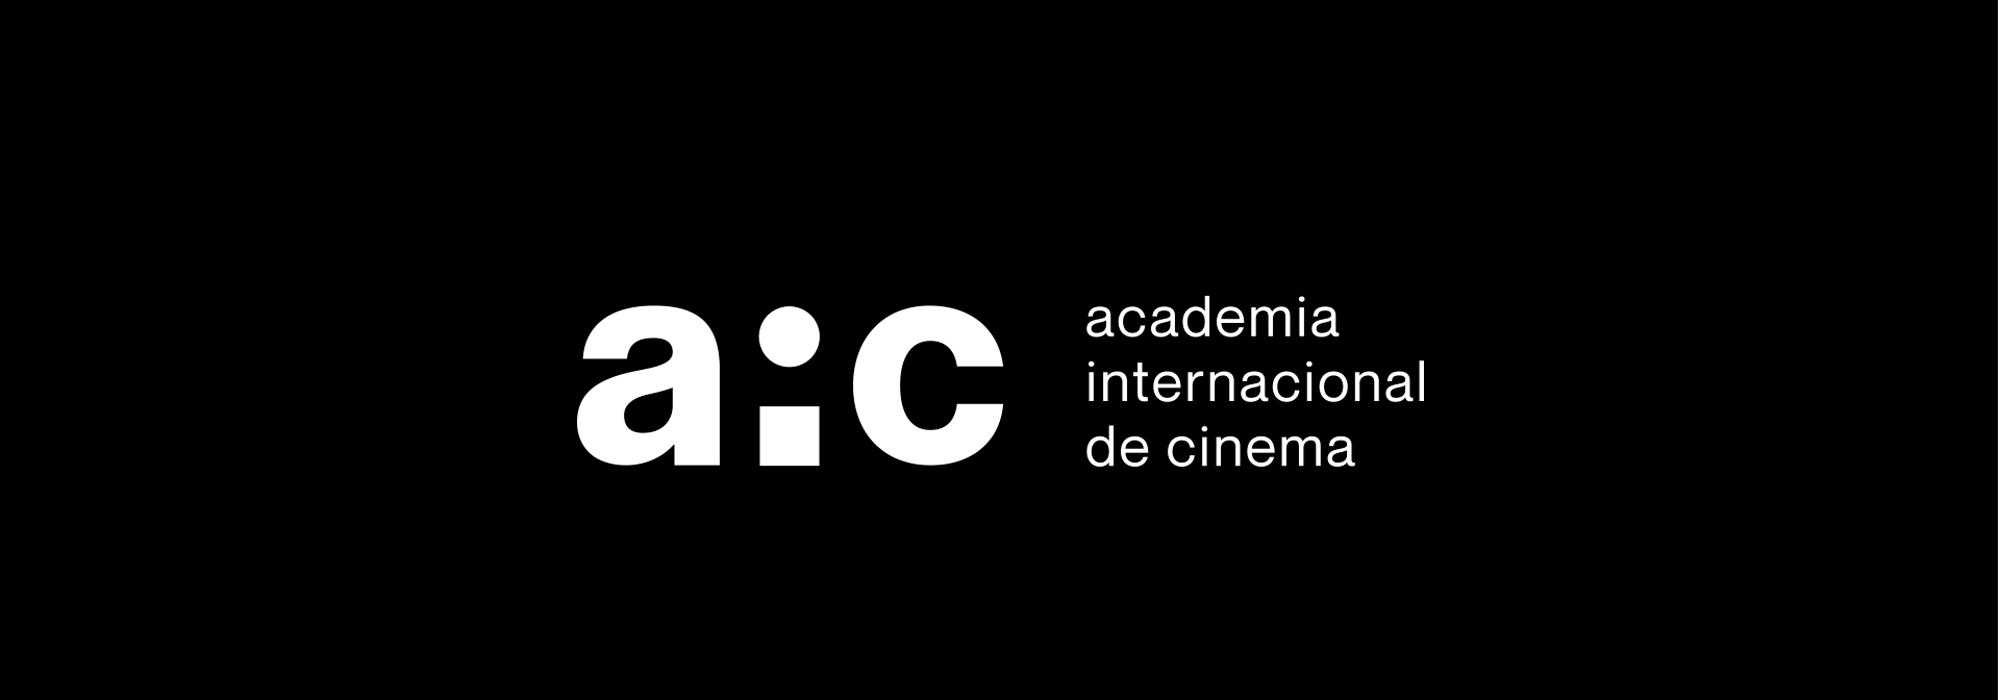 AIC lança nova logomarca e identidade visual